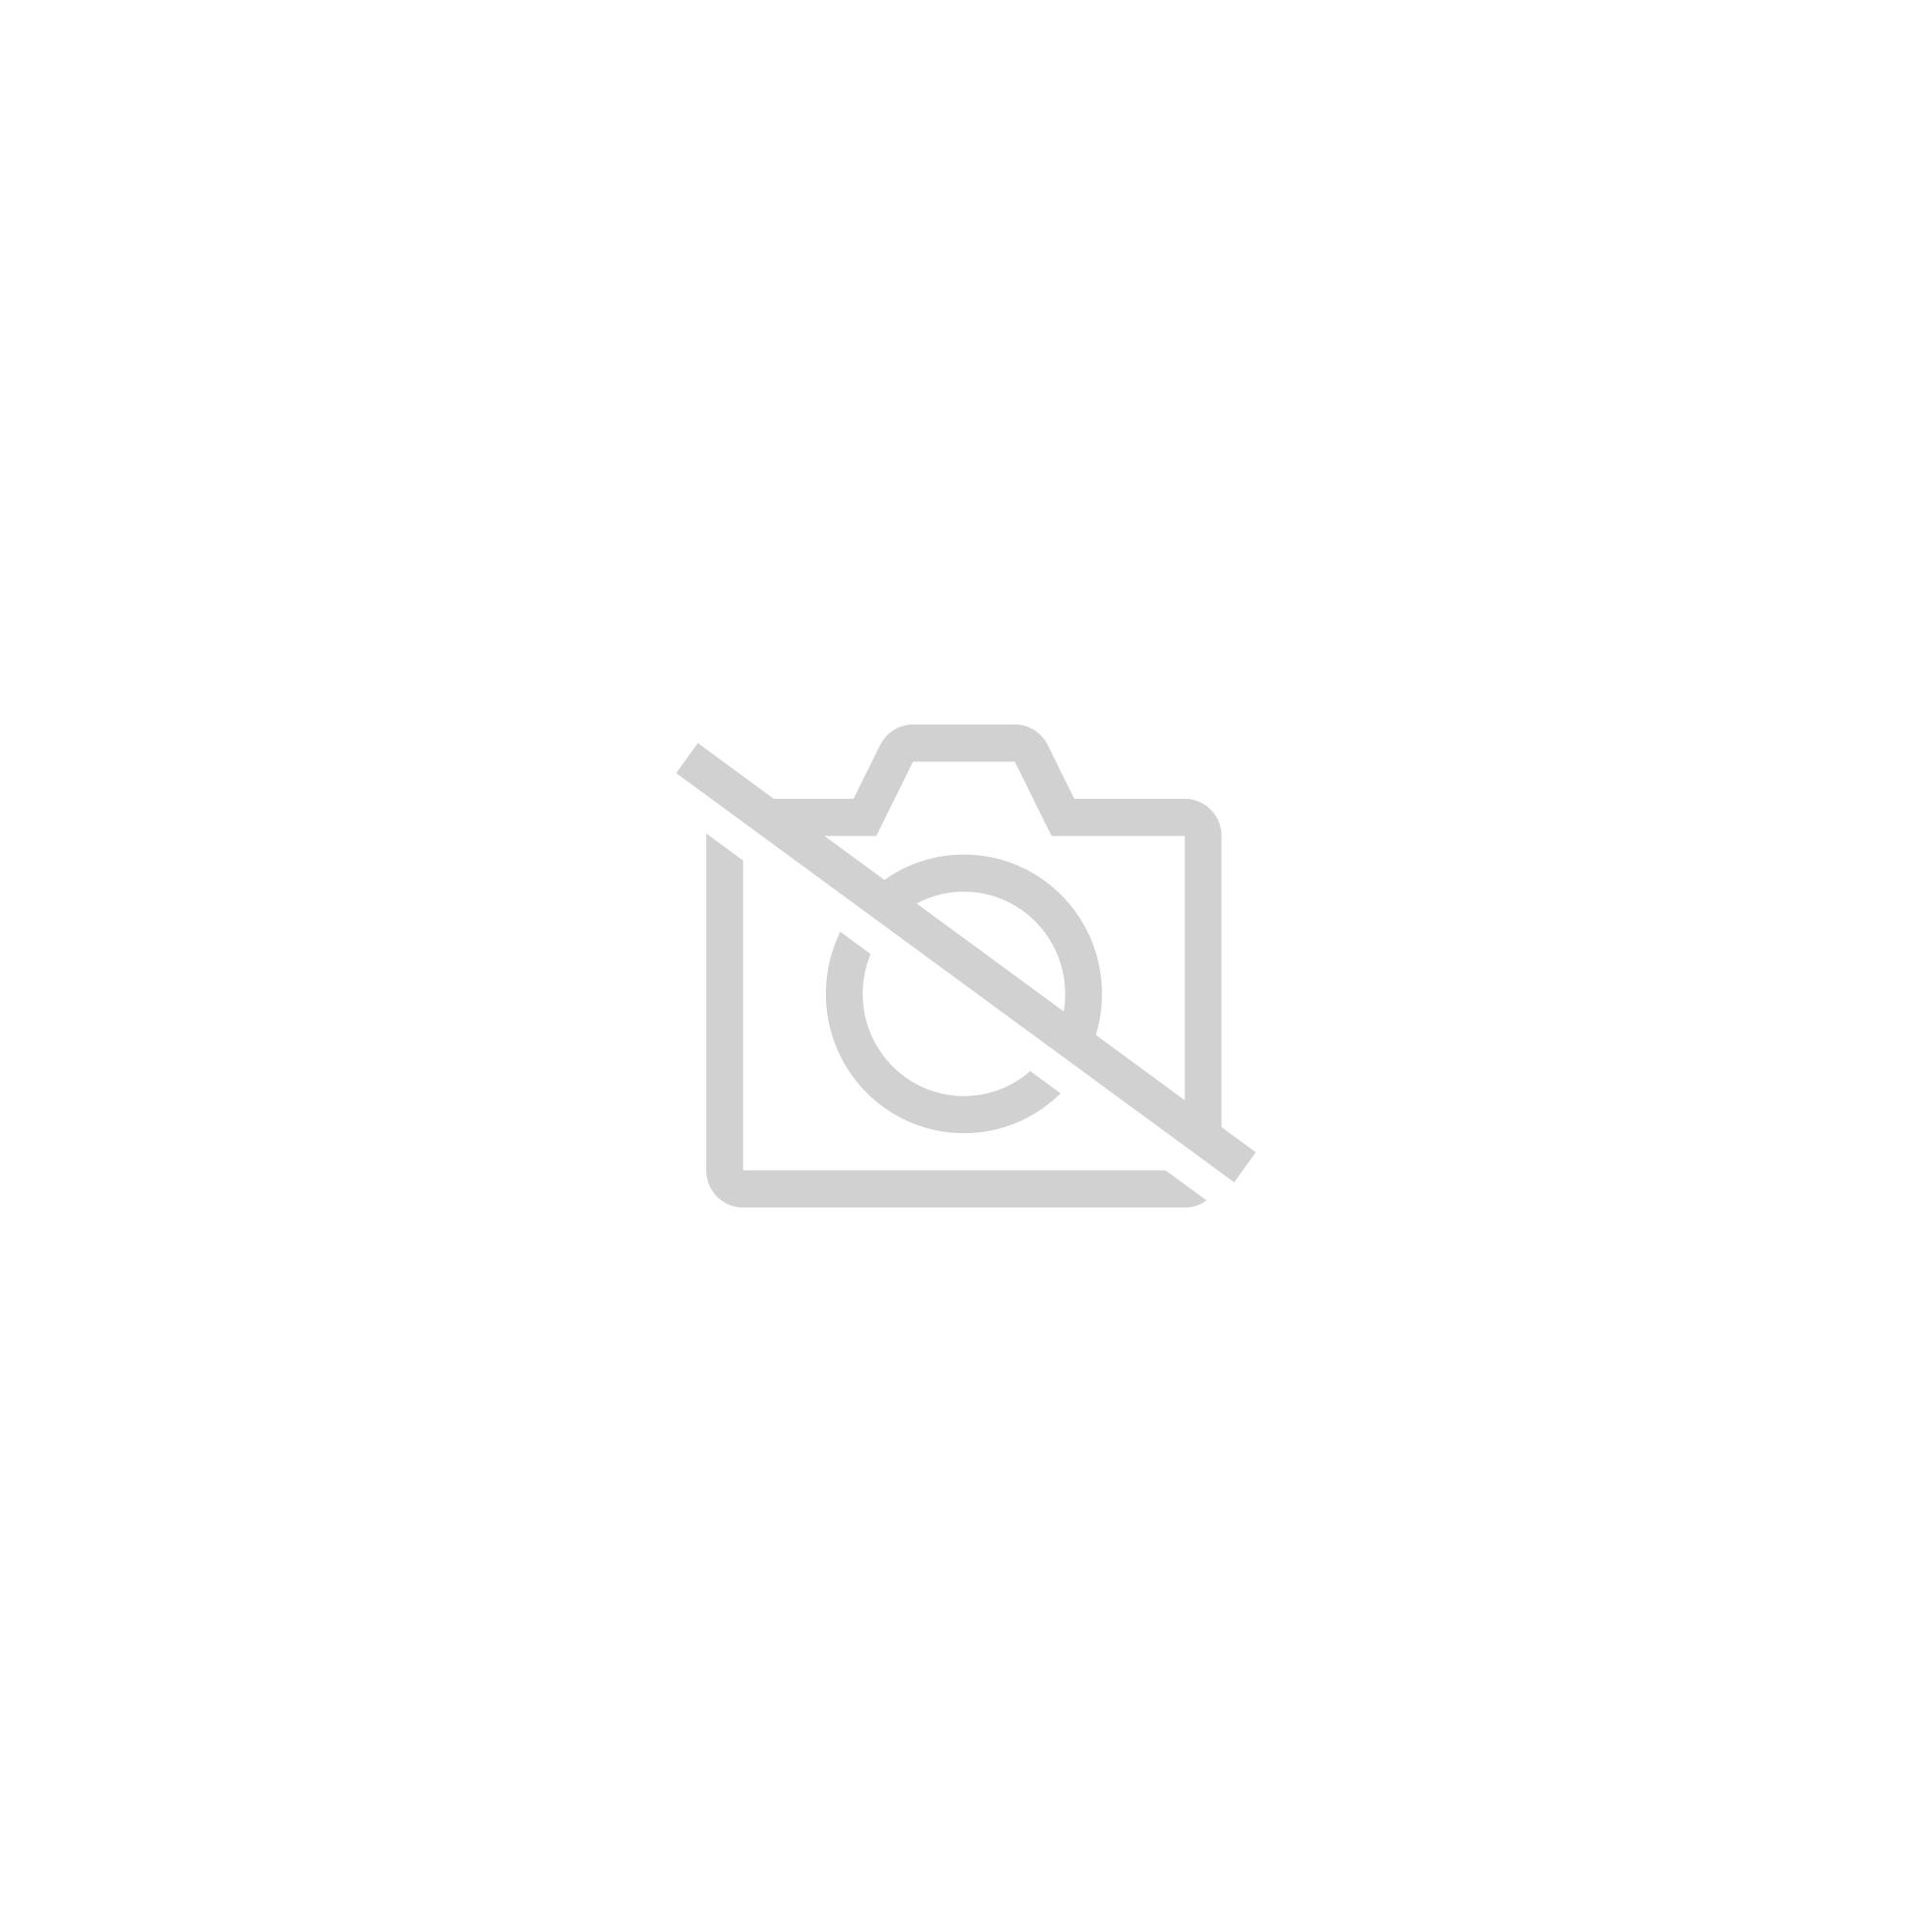 Listes de courses Mémoniak 2019